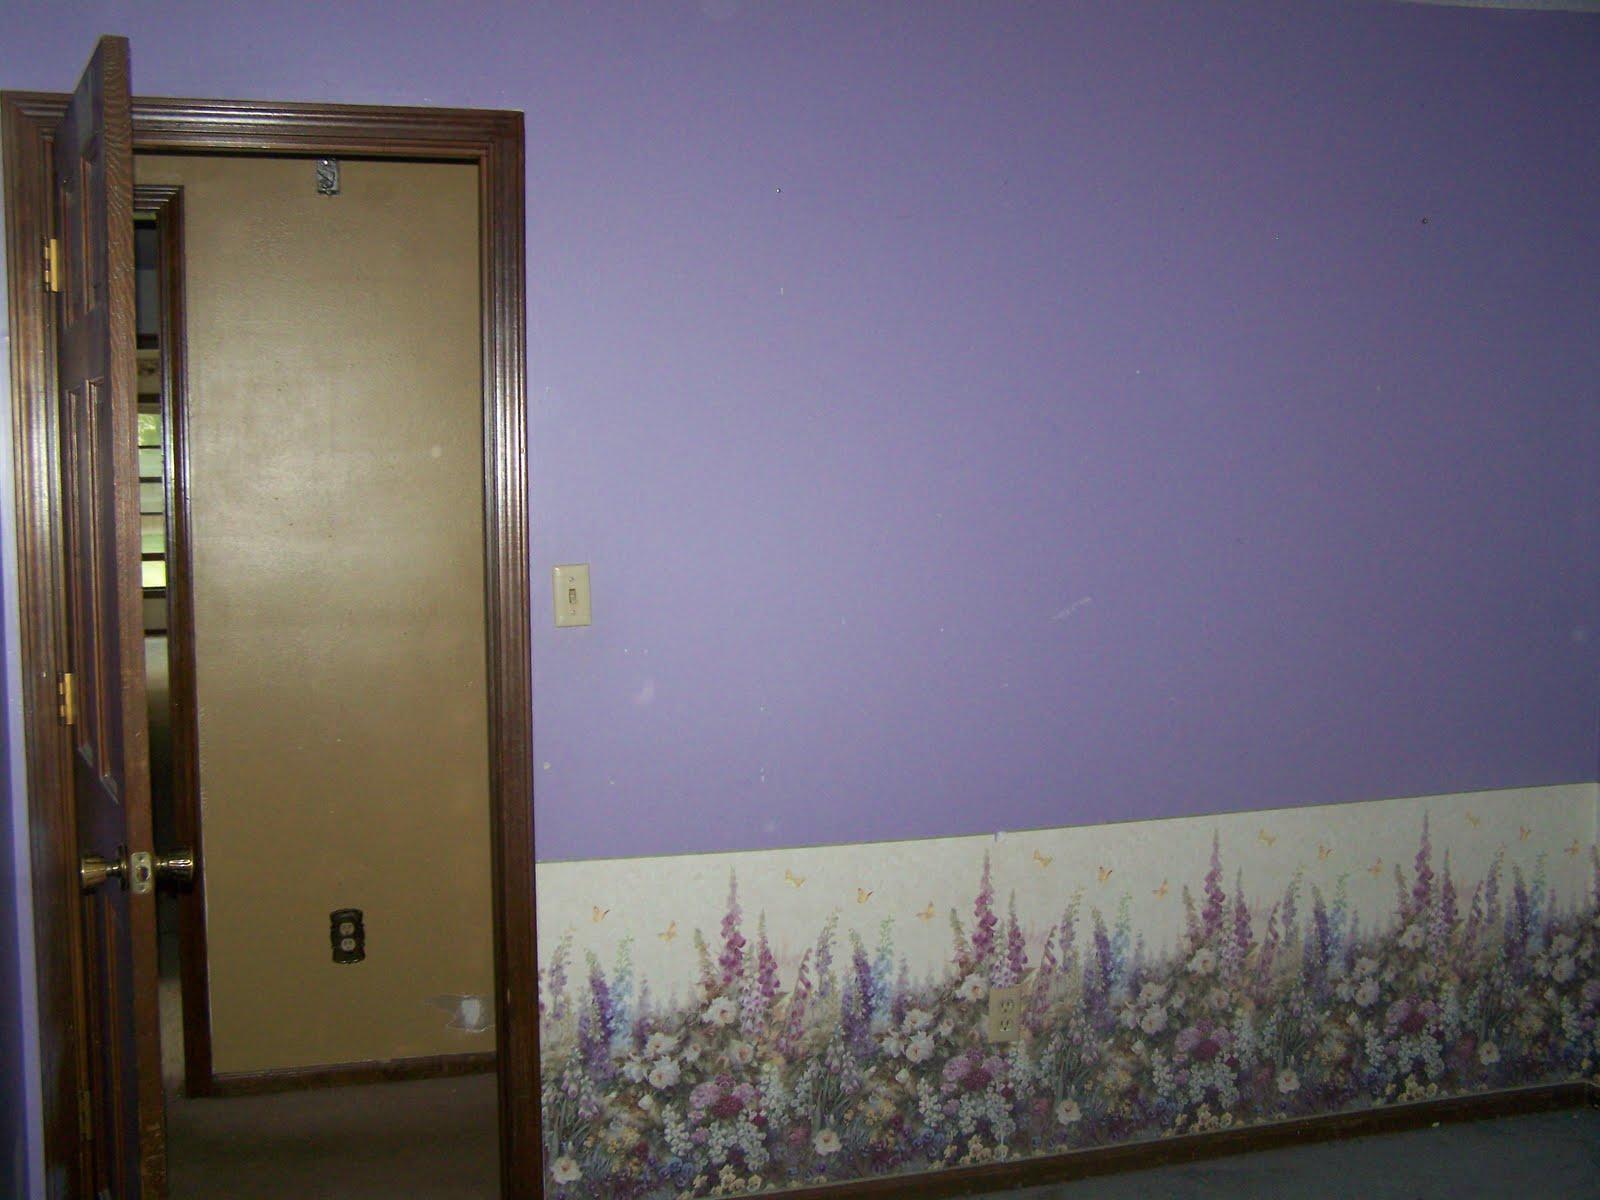 http://2.bp.blogspot.com/-MbIVLcbsIhQ/TlJ2UnWGW2I/AAAAAAAAAK8/NFnhRKpgutg/s1600/guest+room+before.jpg